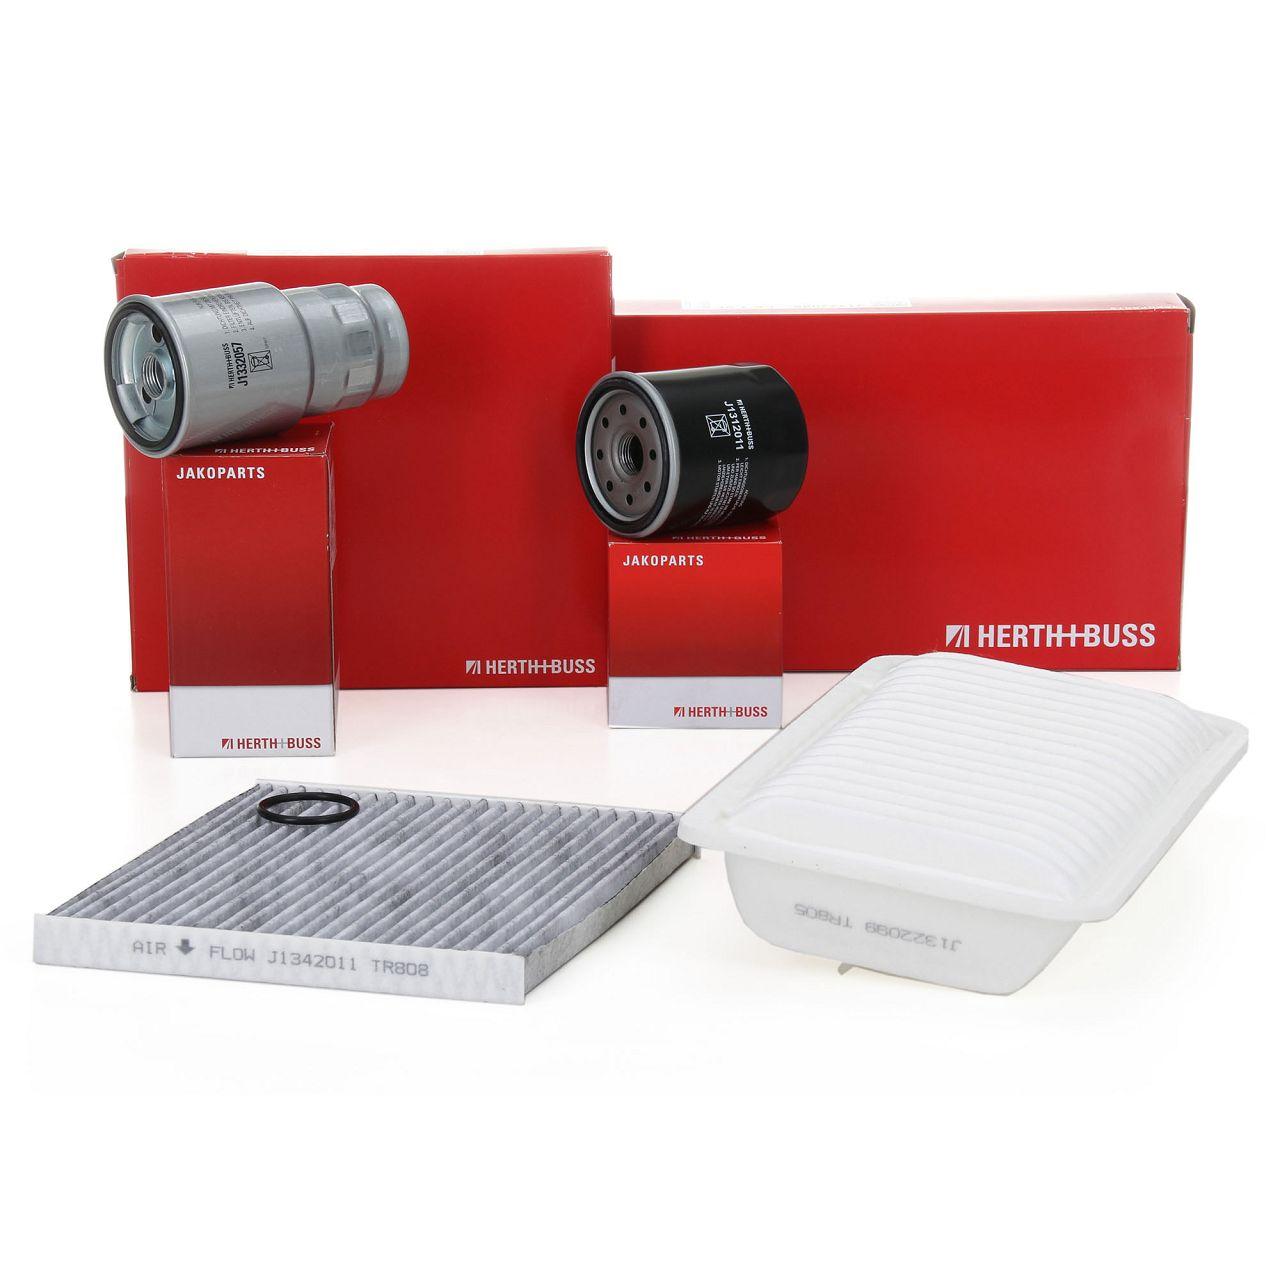 HERTH+BUSS JAKOPARTS Filterpaket Filterset für TOYOTA COROLLA 1.4D/D-4D 90 PS